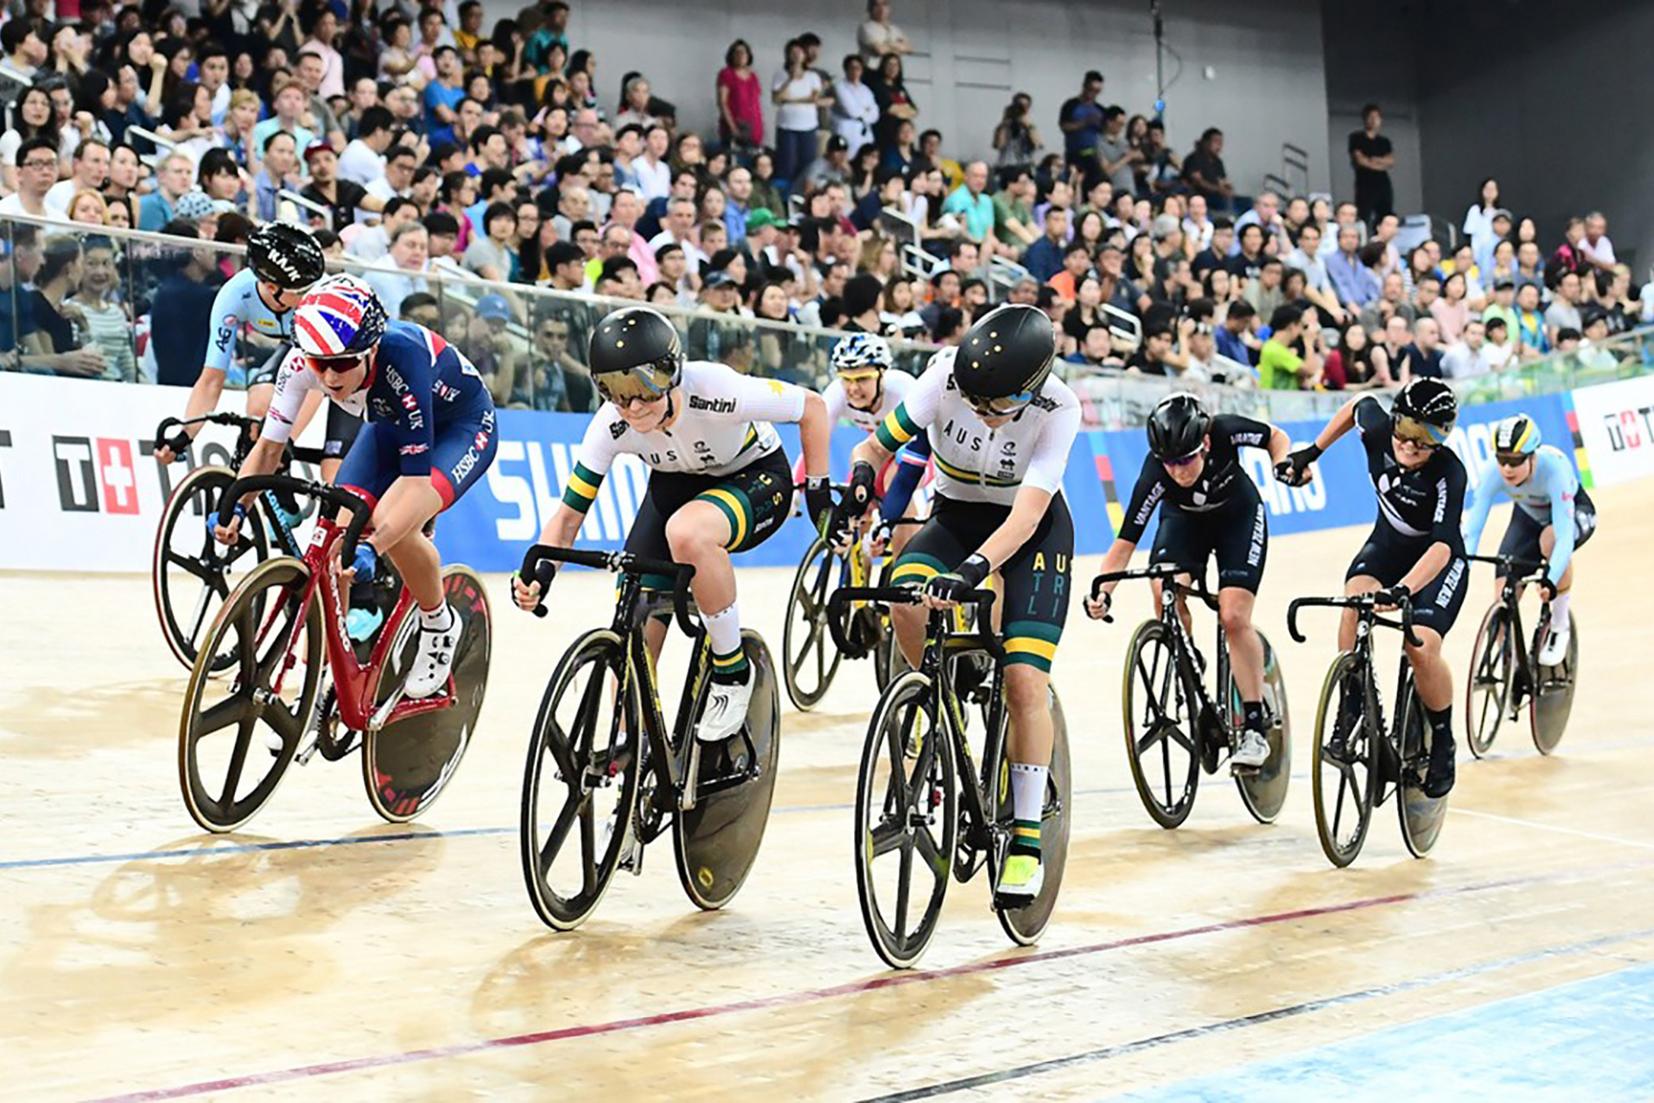 UCIトラックワールドカップ